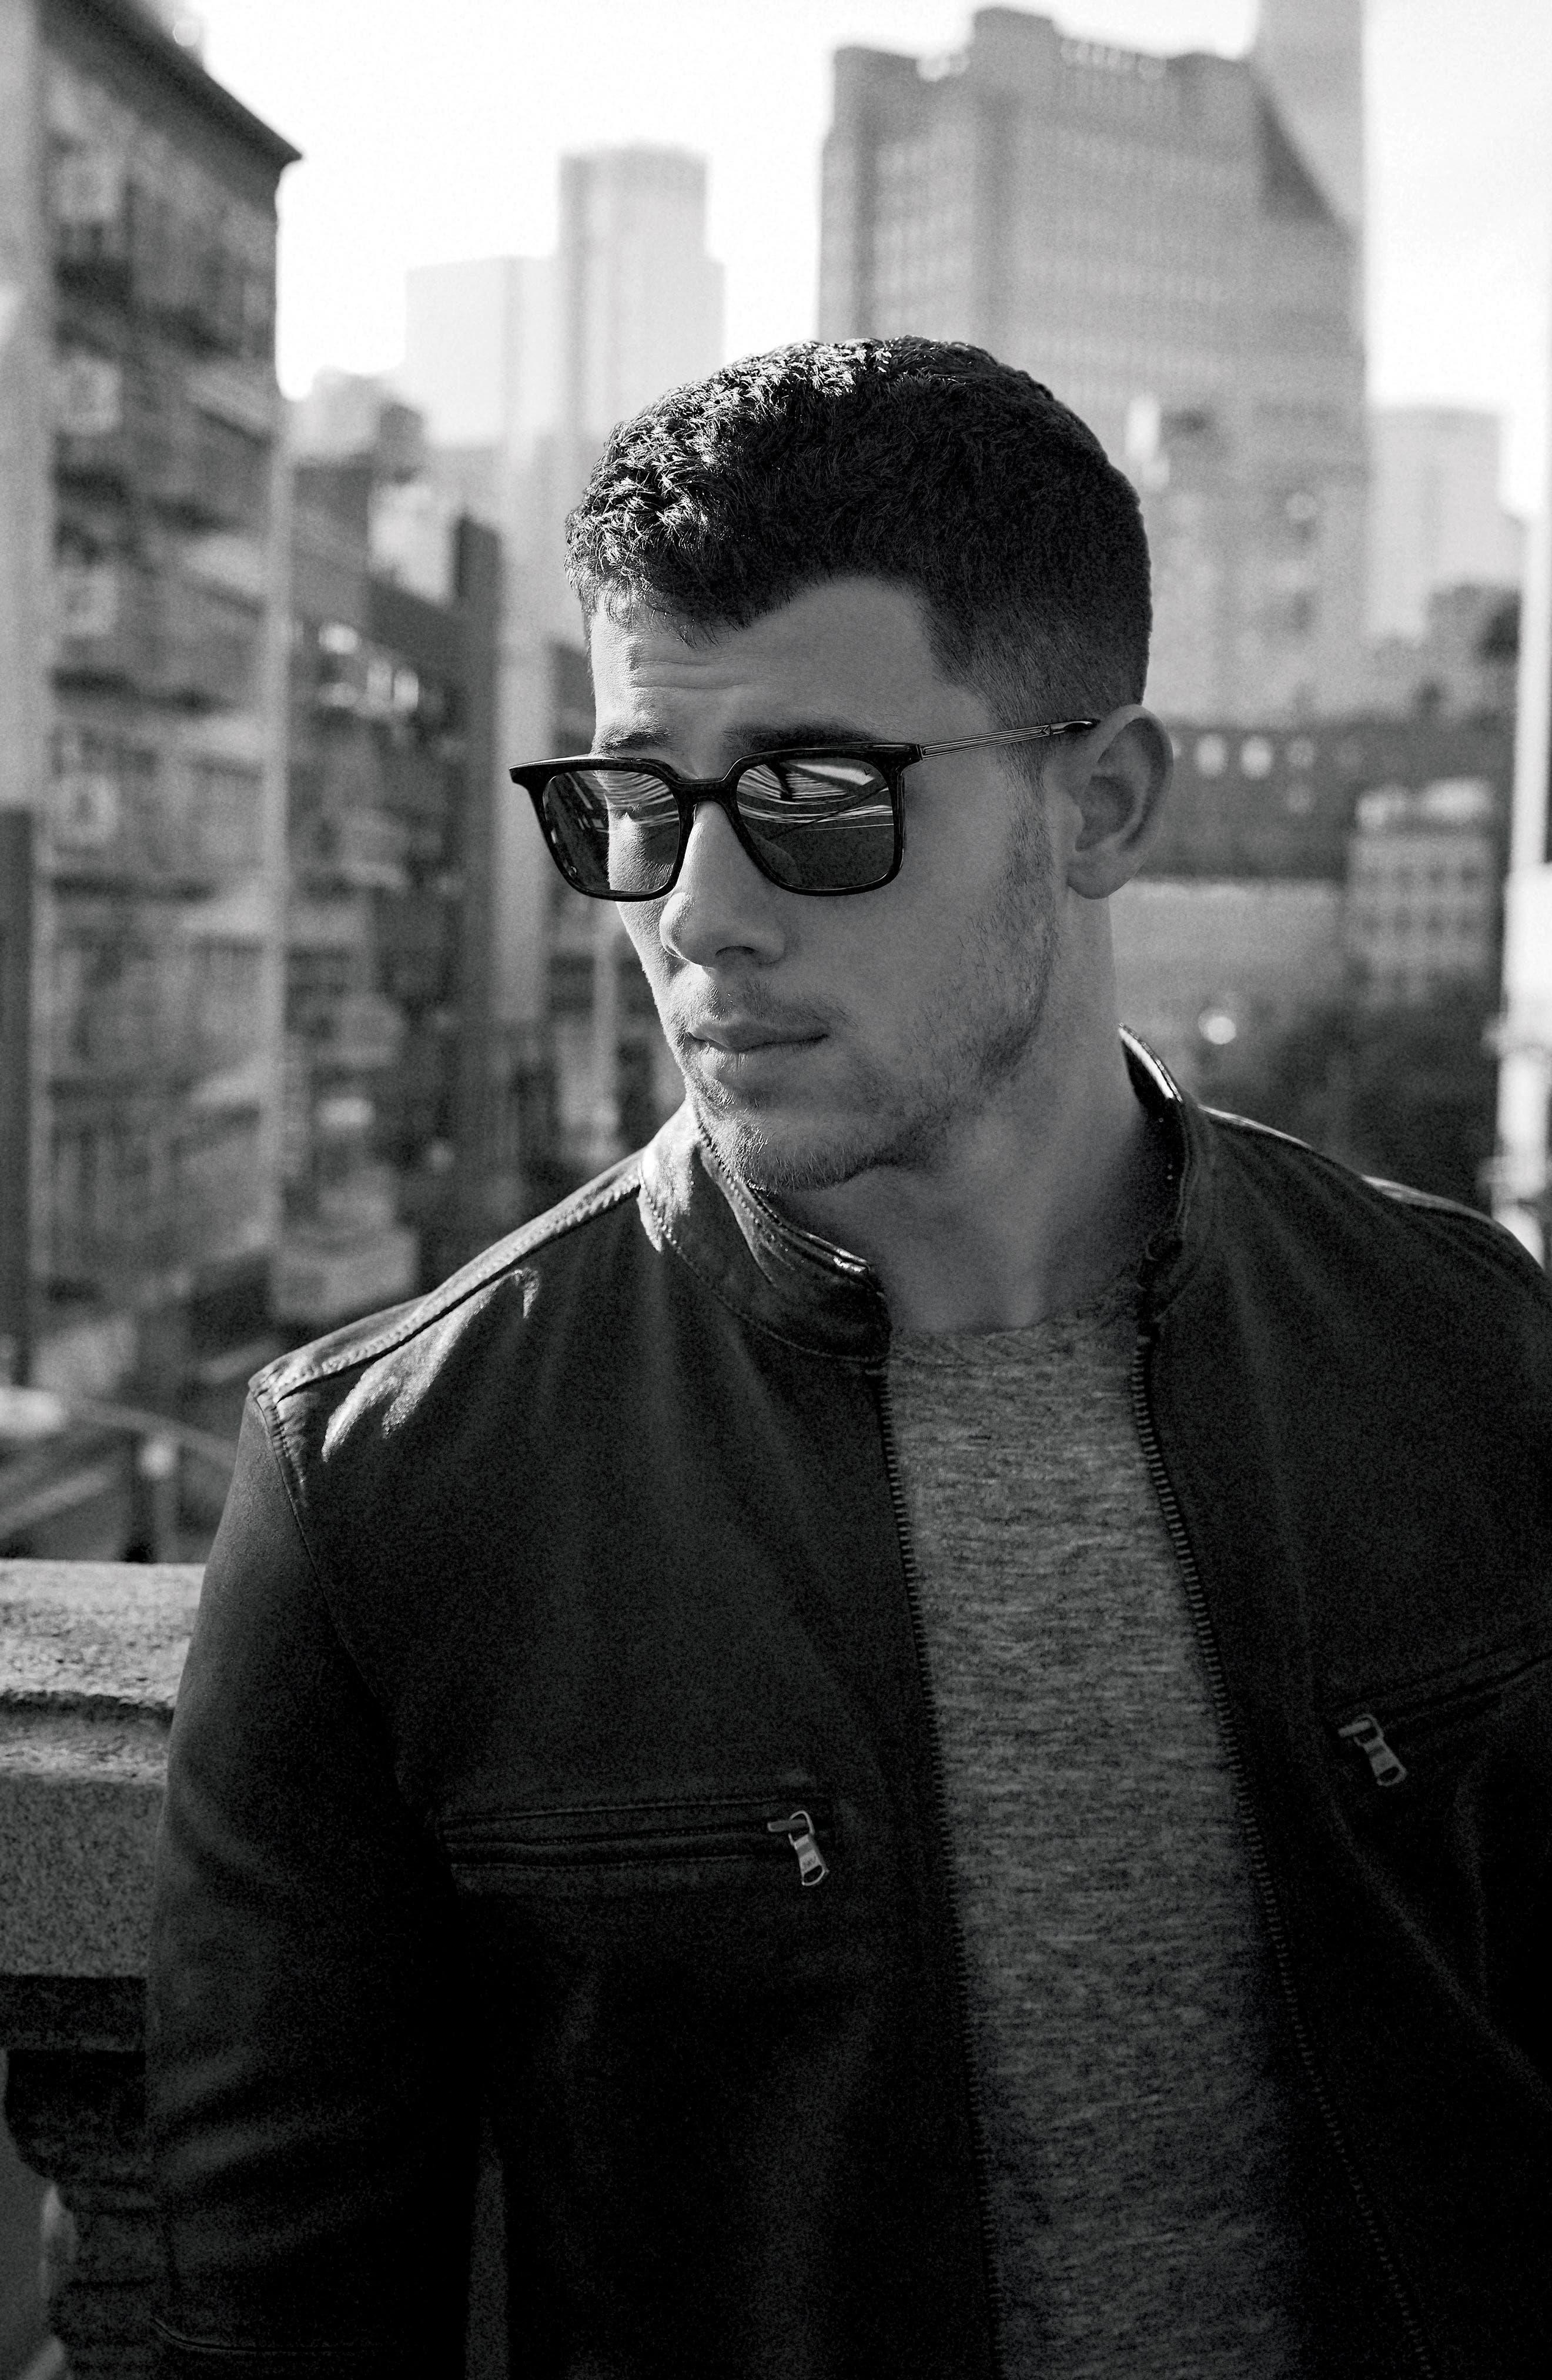 John Varvatos x Nick Jonas Linen T-Shirt,                             Alternate thumbnail 10, color,                             LIGHT GREY HEATHER